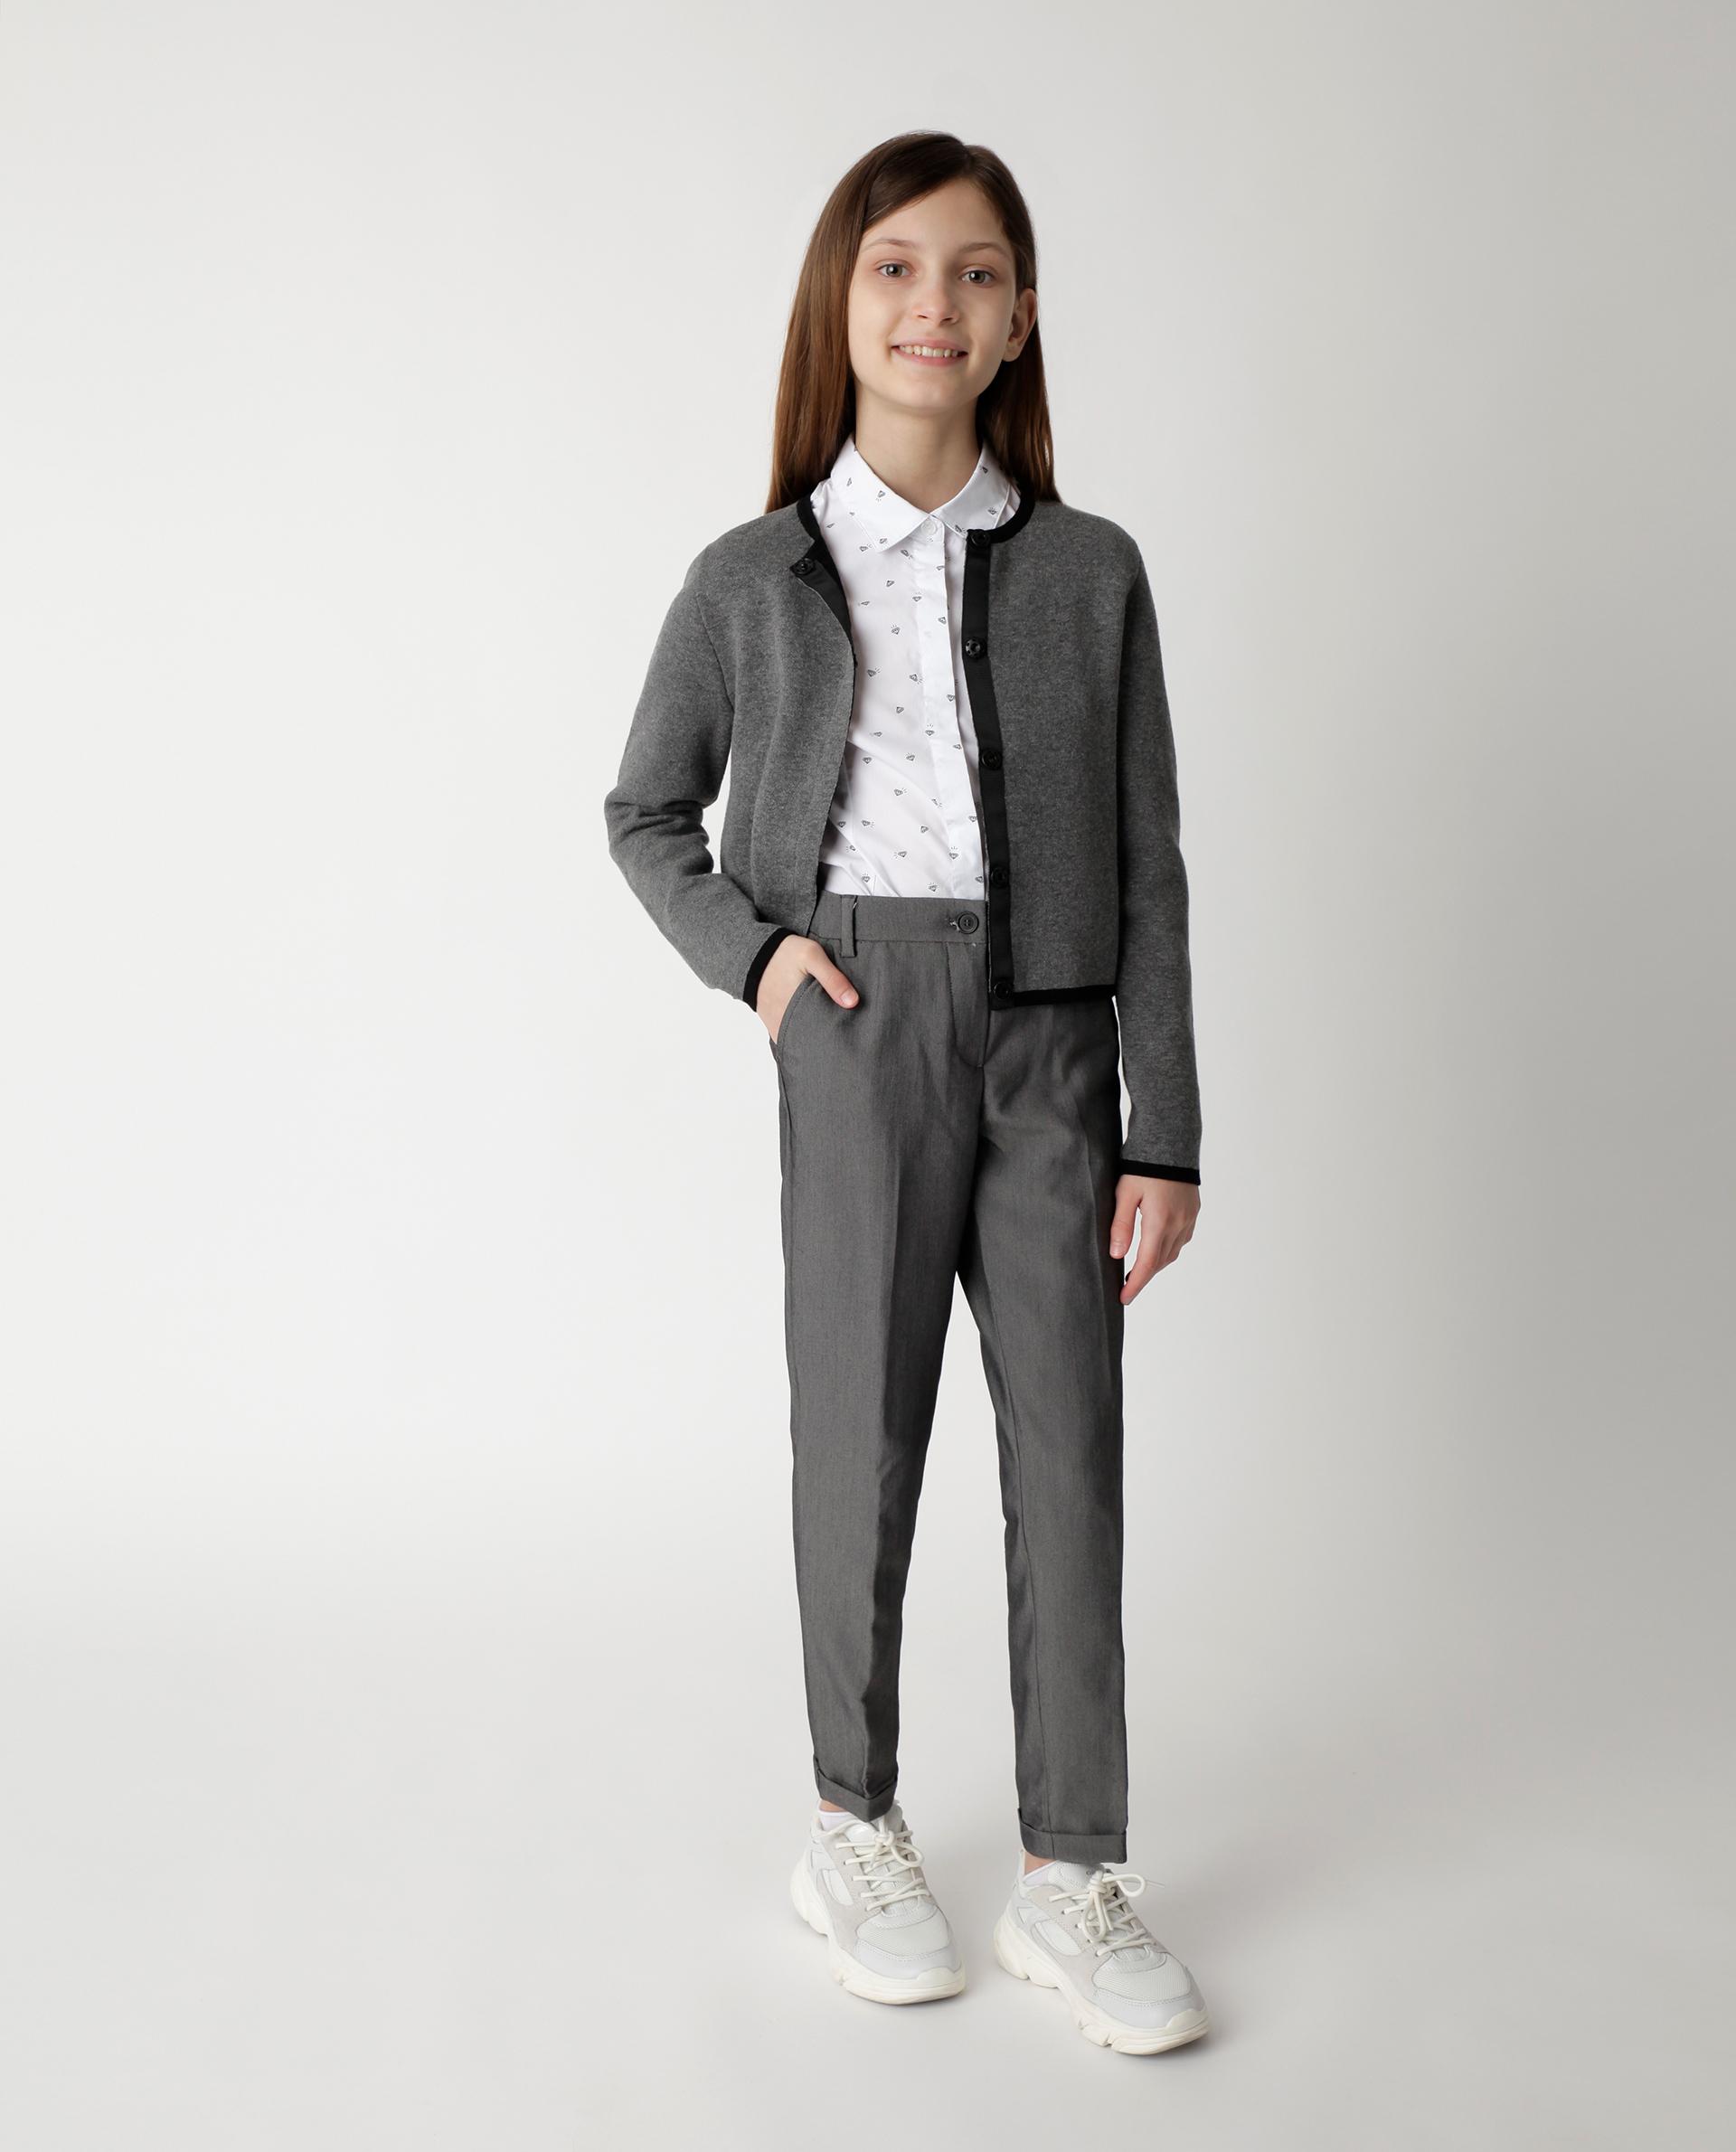 Купить 220GSGC6308, Серый брюки Gulliver, серый, 170, Женский, Демисезон, ШКОЛЬНАЯ ФОРМА 2020-2021 (shop: GulliverMarket Gulliver Market)